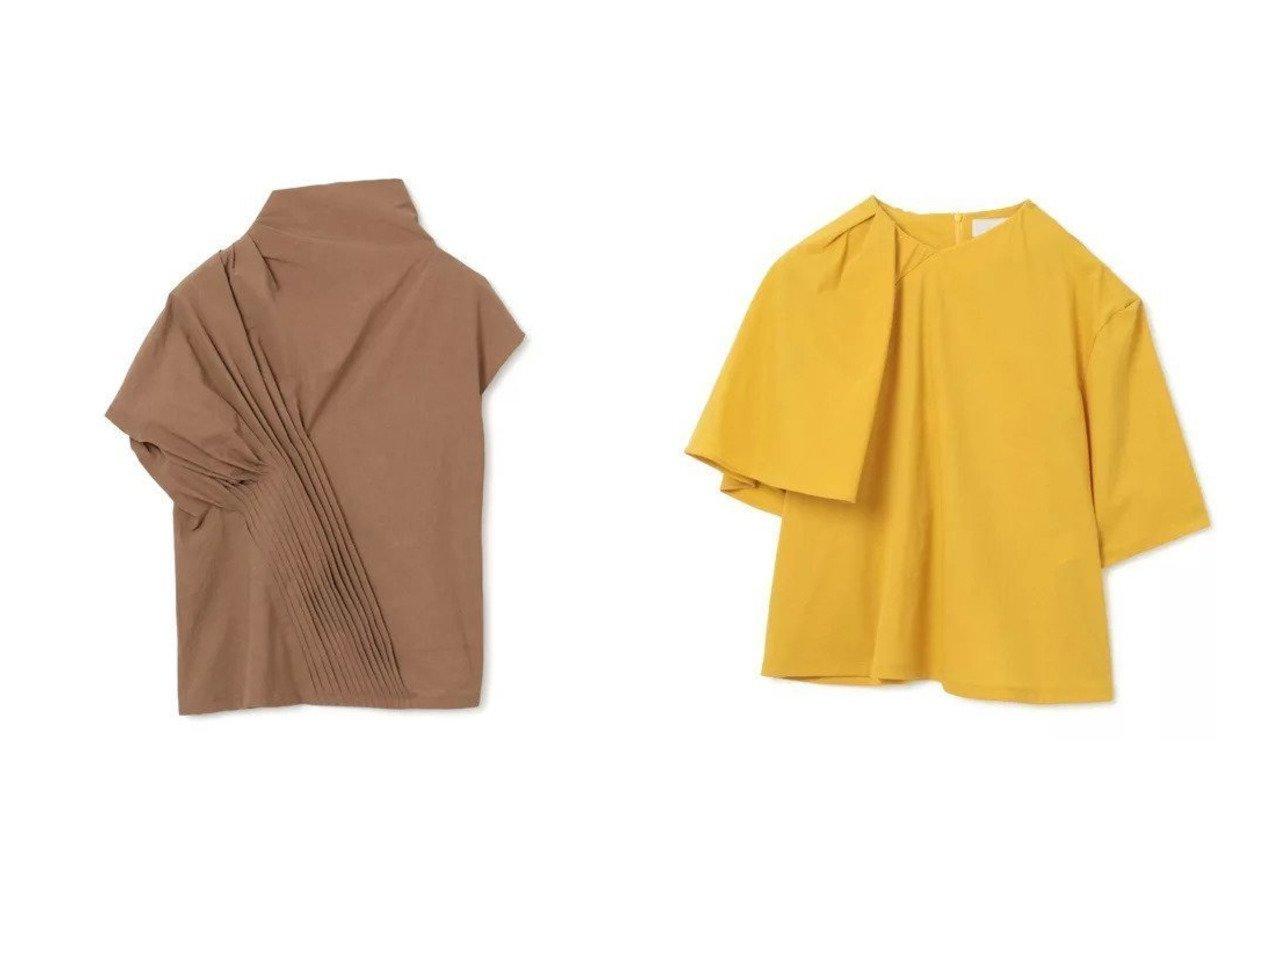 【AKIRANAKA/アキラナカ】のJo asymmetry drape T&Pintuck asymmetry sleeves pullover 【トップス・カットソー】おすすめ!人気、トレンド・レディースファッションの通販   おすすめで人気の流行・トレンド、ファッションの通販商品 インテリア・家具・メンズファッション・キッズファッション・レディースファッション・服の通販 founy(ファニー) https://founy.com/ ファッション Fashion レディースファッション WOMEN トップス・カットソー Tops/Tshirt シャツ/ブラウス Shirts/Blouses ロング / Tシャツ T-Shirts カットソー Cut and Sewn プルオーバー Pullover 2021年 2021 2021-2022秋冬・A/W AW・Autumn/Winter・FW・Fall-Winter・2021-2022 A/W・秋冬 AW・Autumn/Winter・FW・Fall-Winter アシンメトリー エレガント カットソー ドレープ 半袖 洗える スタイリッシュ ハイネック フォルム  ID:crp329100000053751